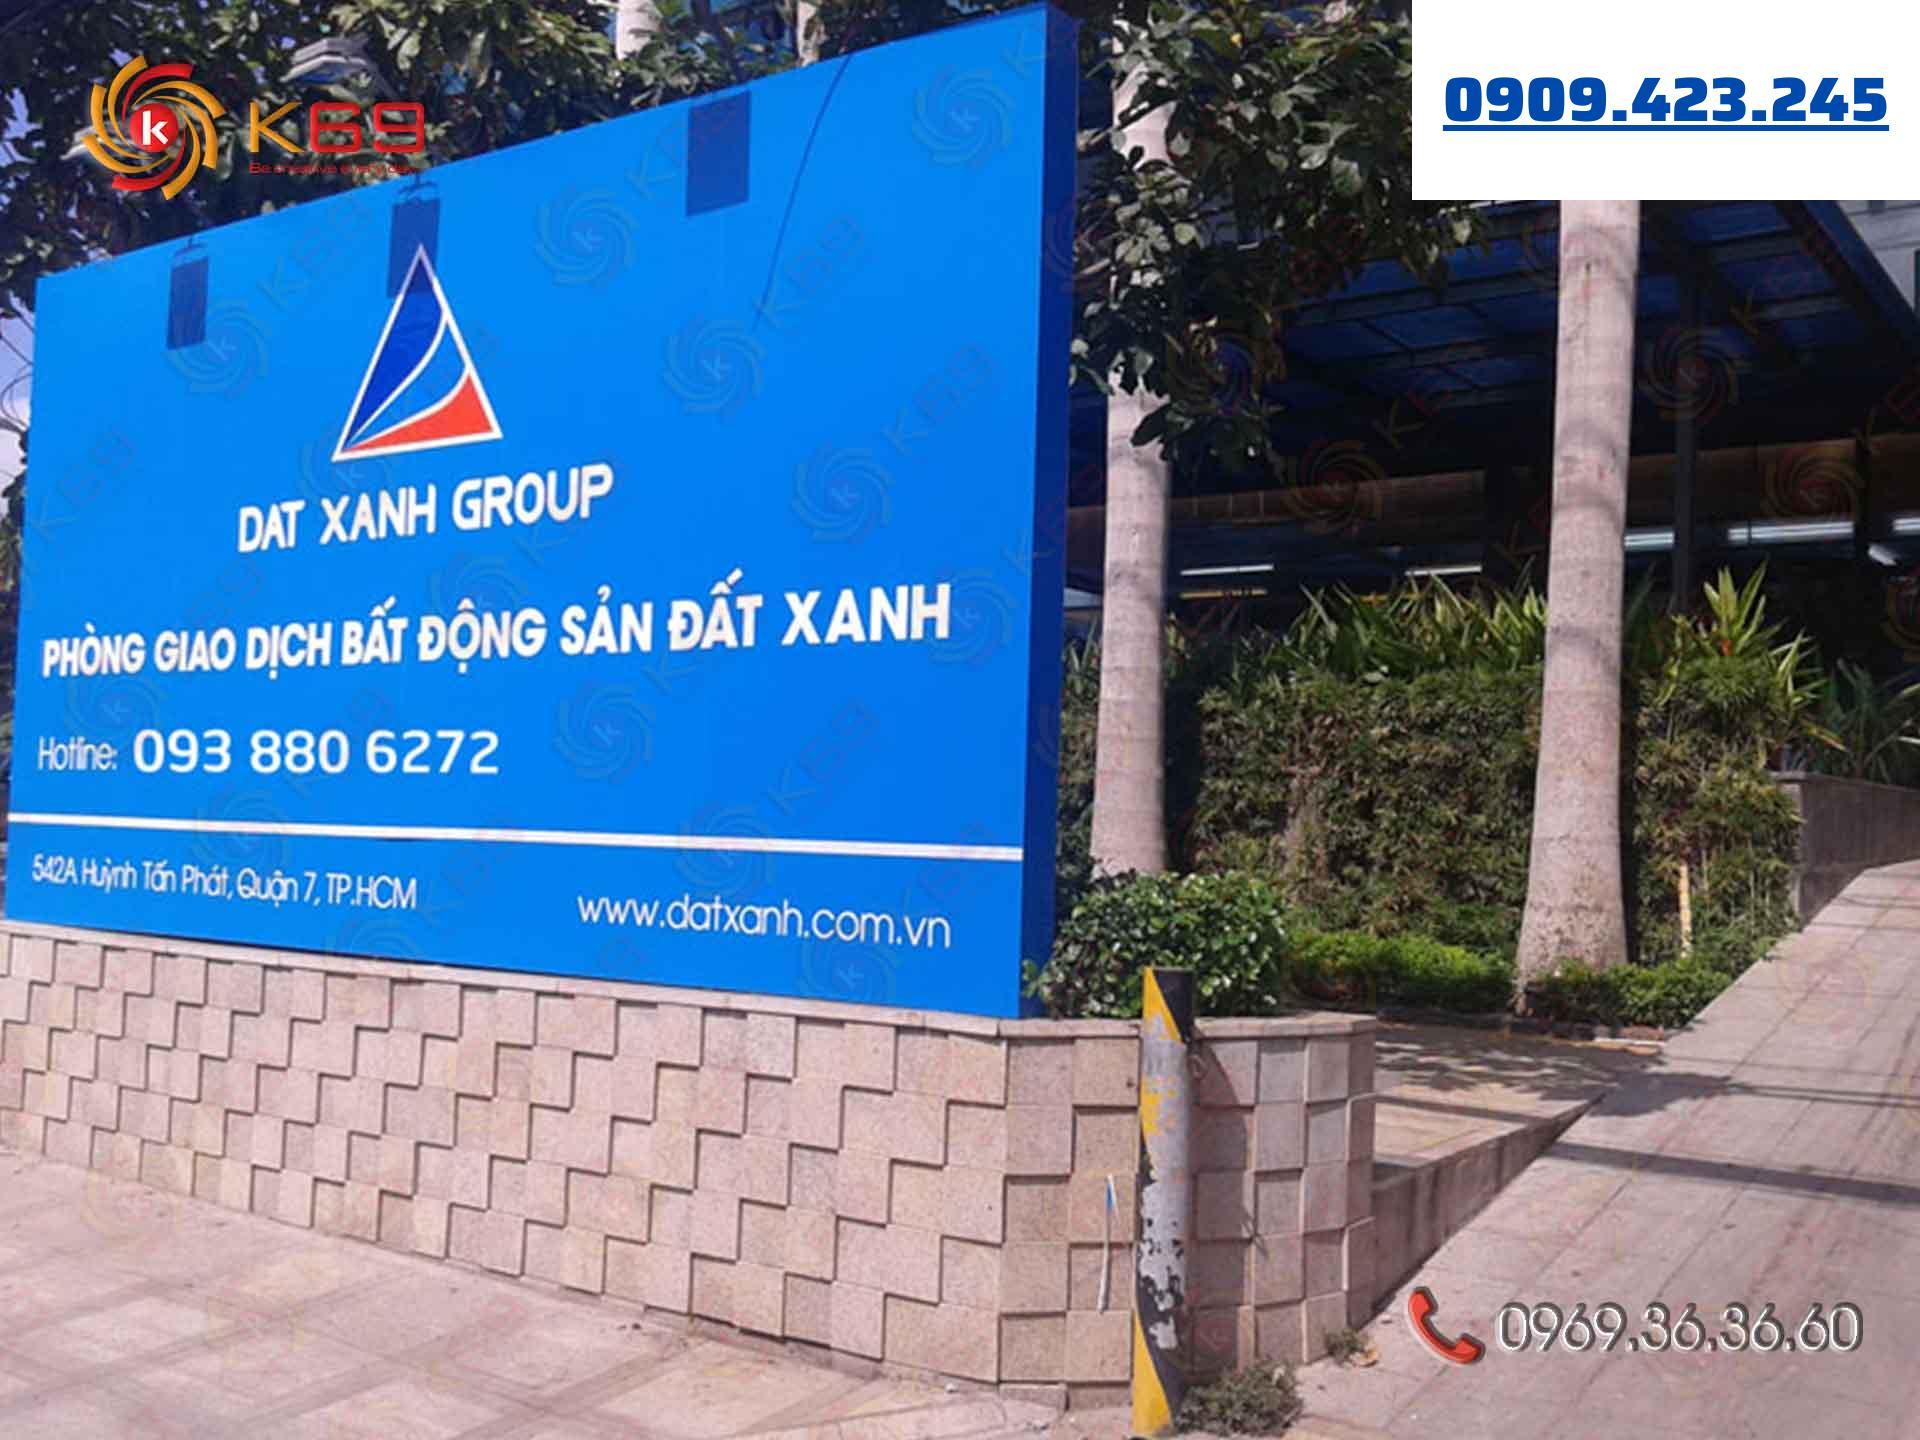 Mẫu bảng hiệu công ty đất xanh Group đẹp tại K69adv